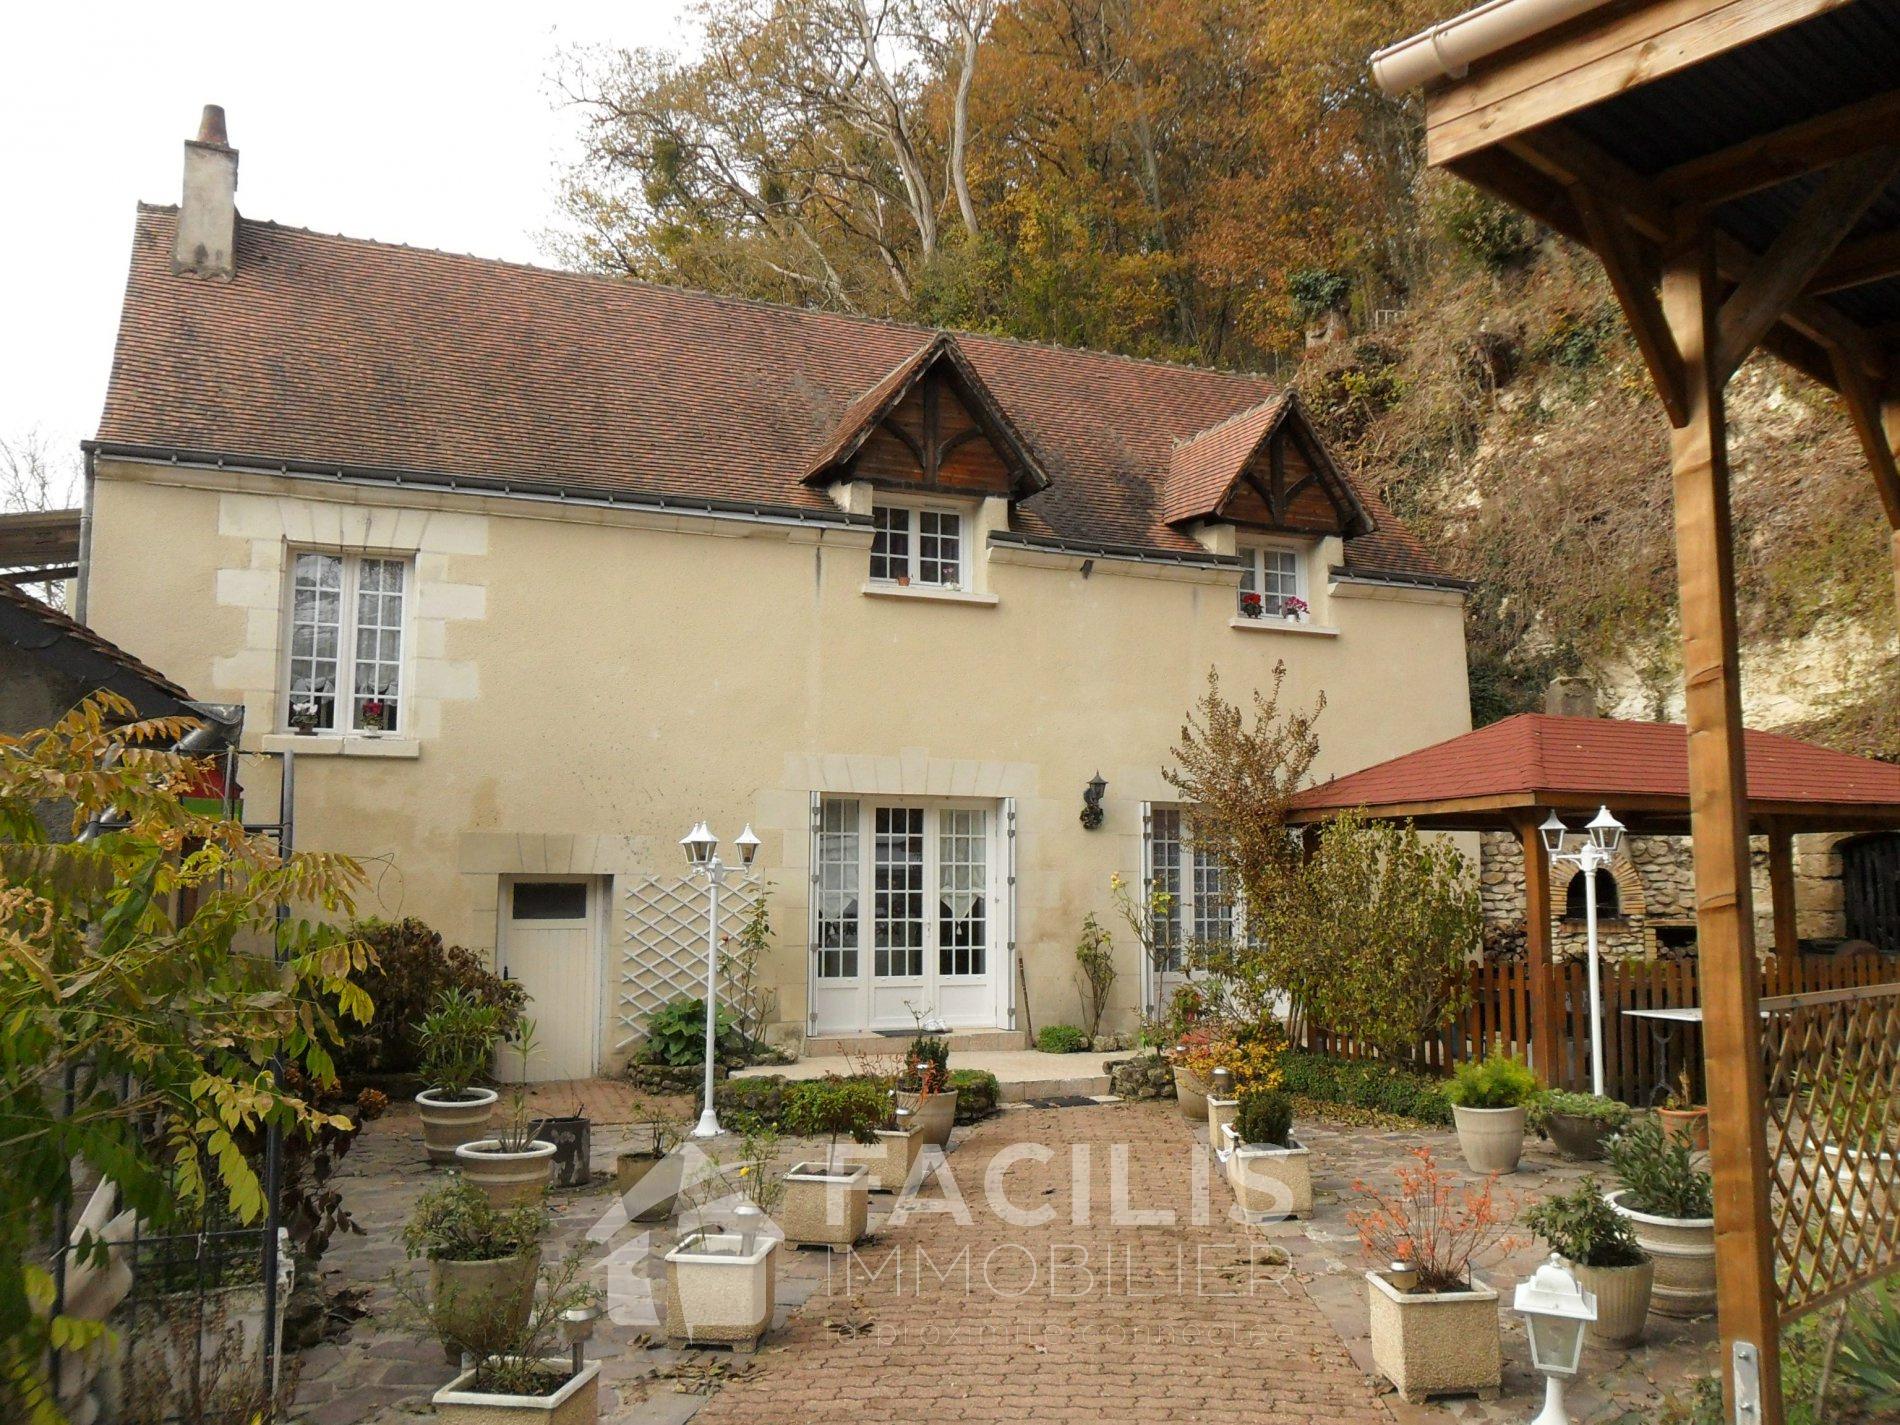 Annonce vente maison saint quentin sur indrois 37310 for Maison de l emploi saint quentin